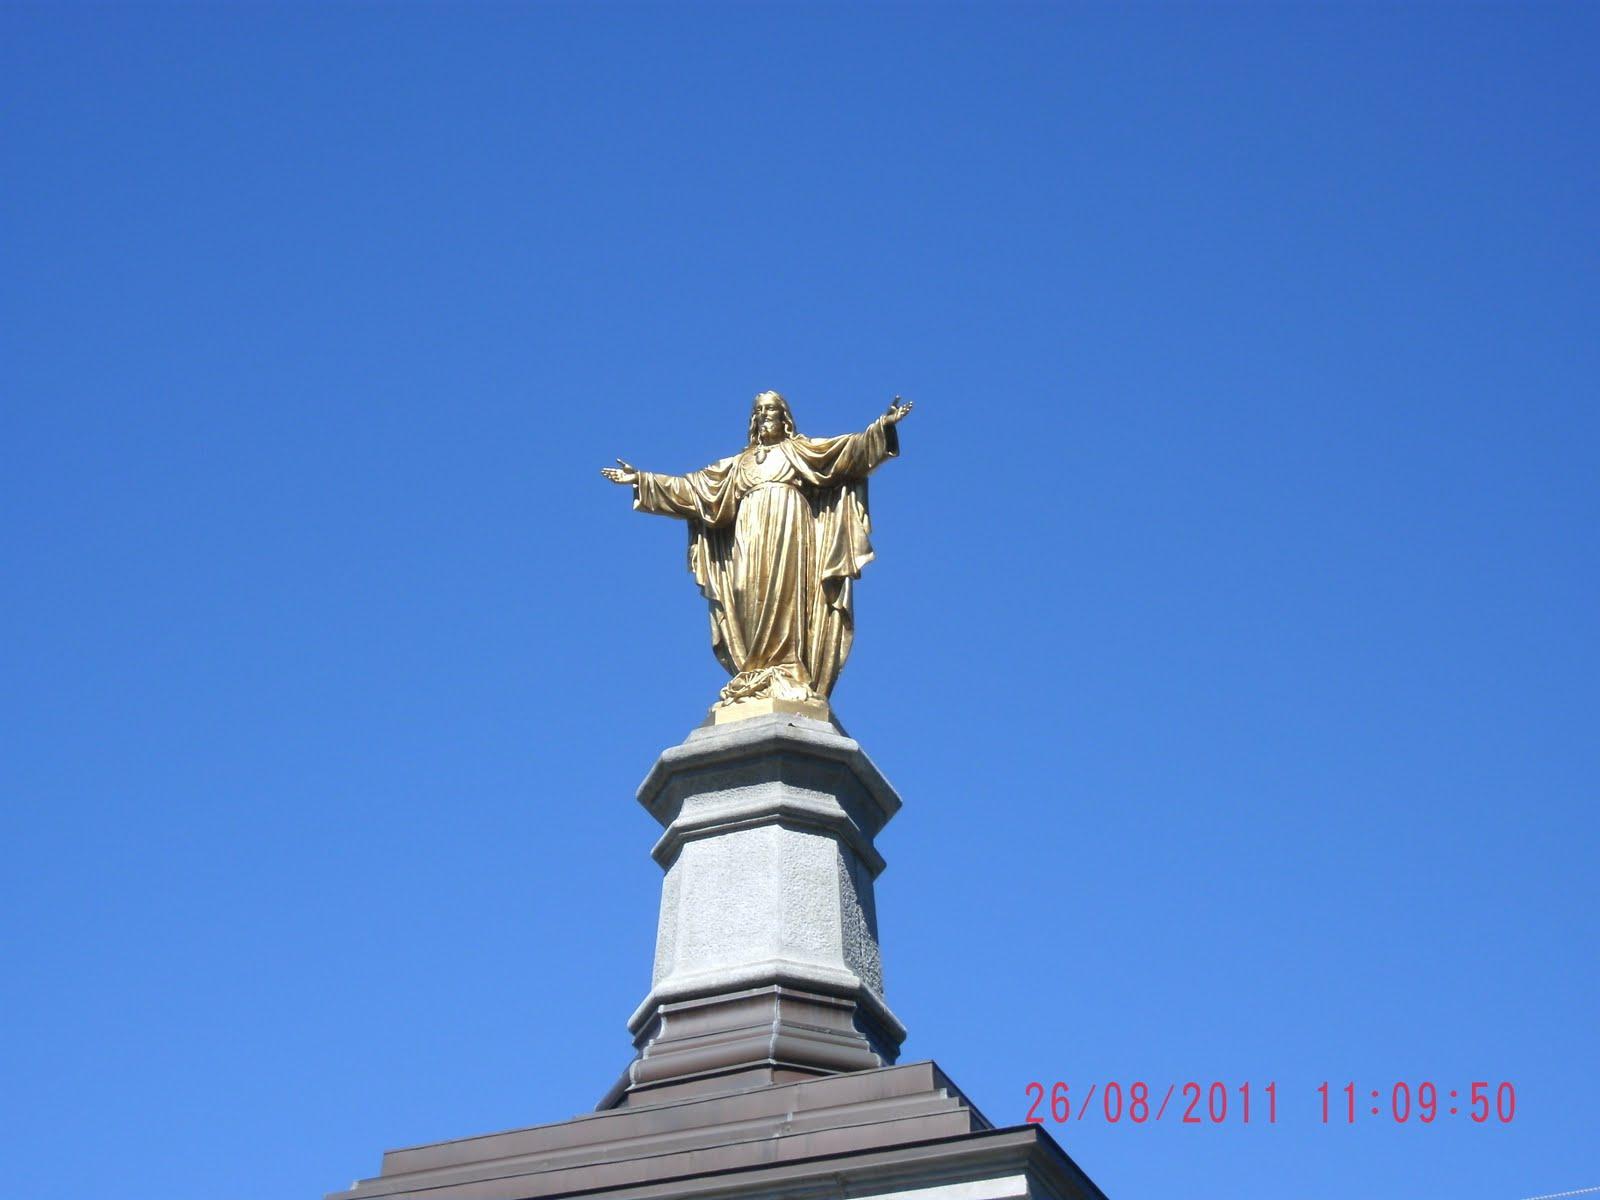 Le voyage int rieur martyr de st jean baptiste for Le voyage interieur